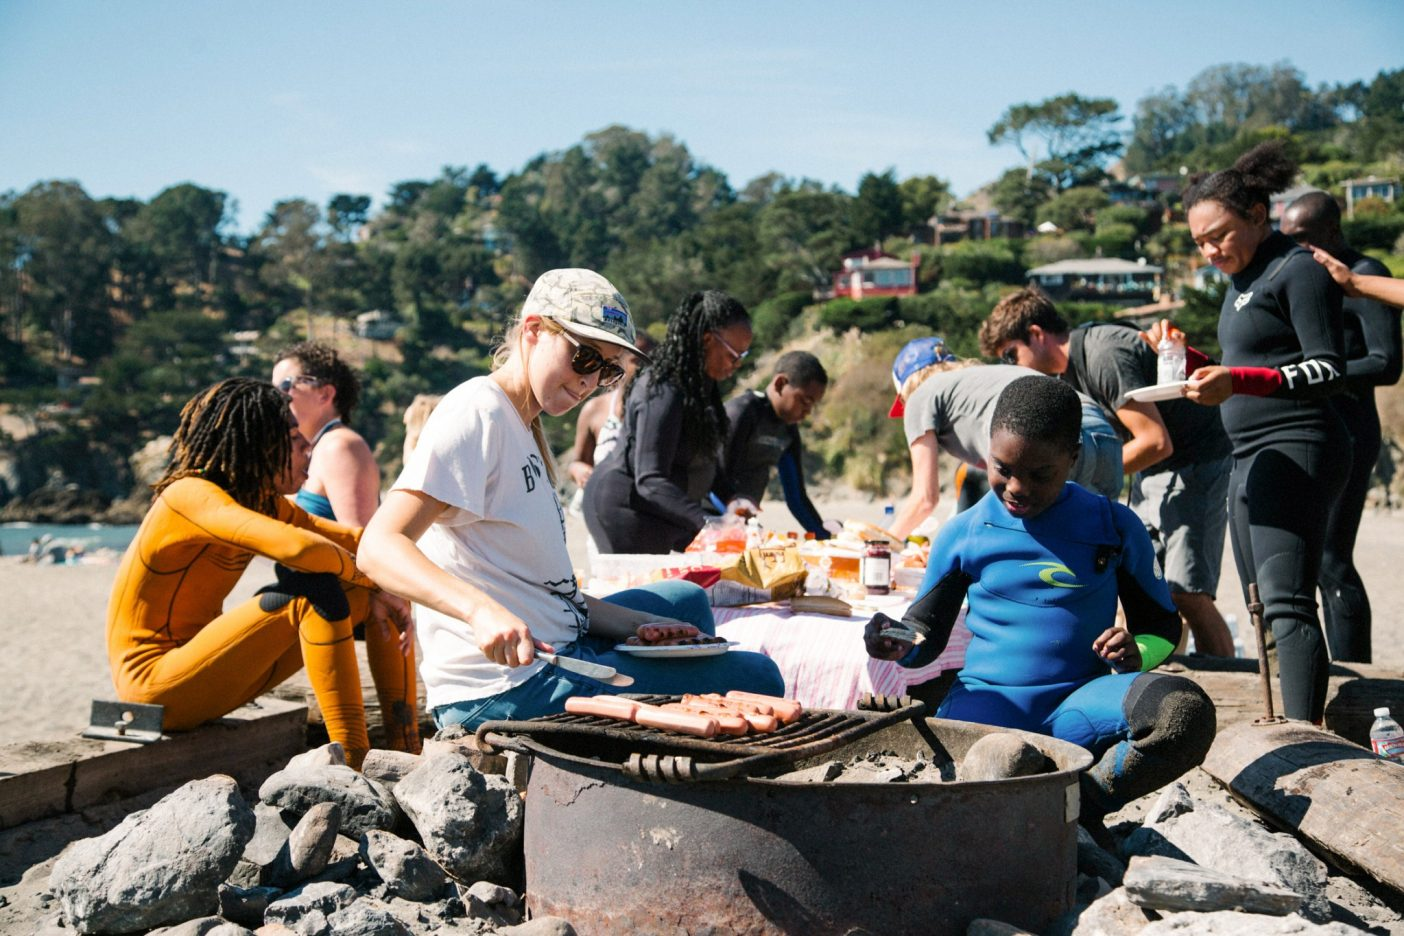 わずかな砂、たき火で焼いたホットドッグ、友だちとの波乗り、それらに尽きる。カリフォルニア州マリン郡 Photo:Donnie Hedden